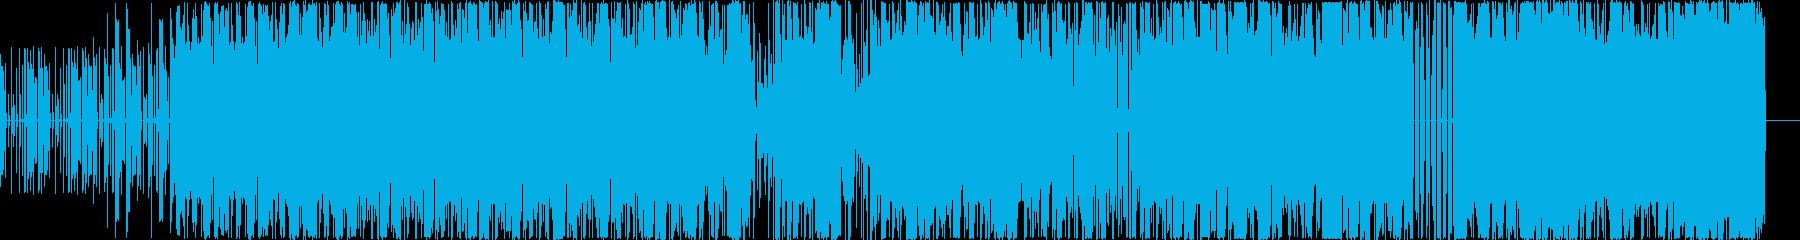 レゲエ調のDubstepの再生済みの波形